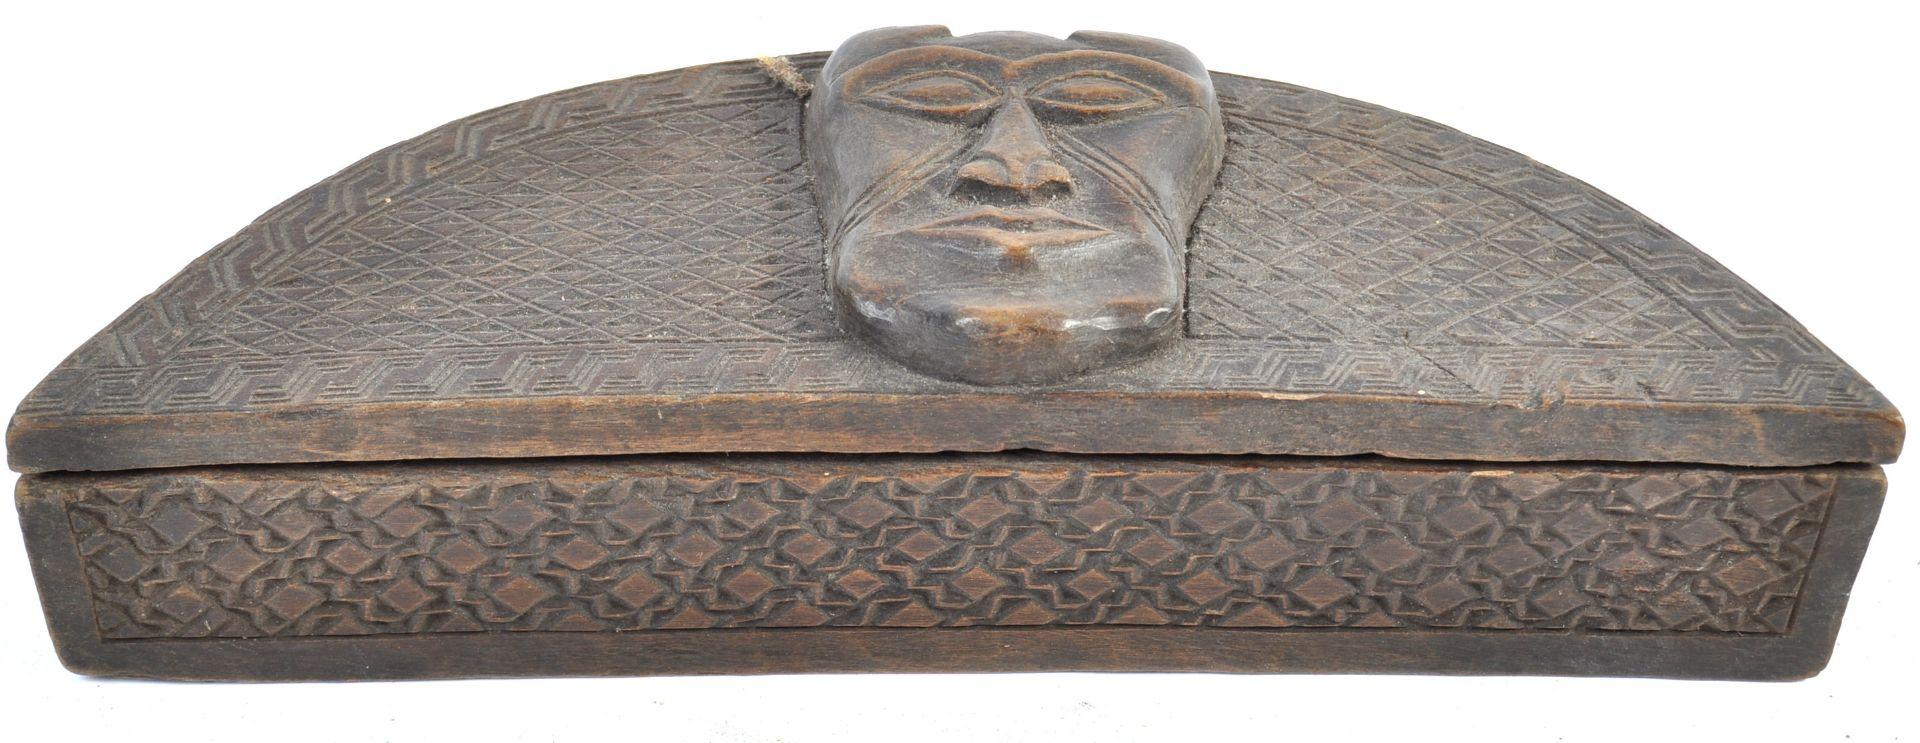 Los 369 - TRIBAL ANTIQUITIES - AFRICAN CONGO KUBA TUKULA HALF-MOON BOX